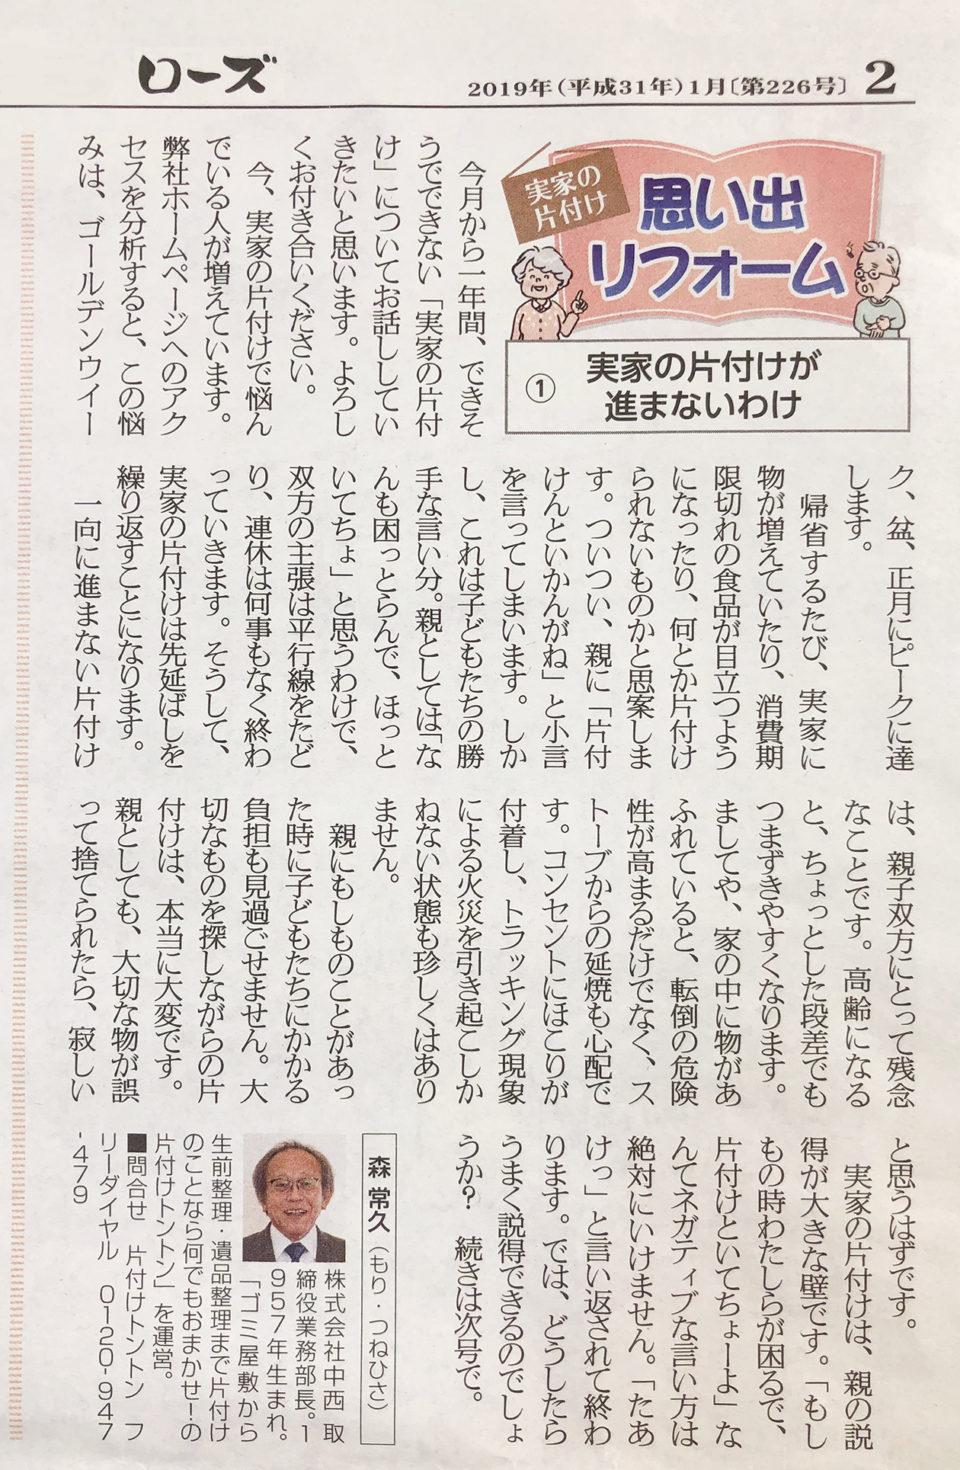 中日新聞朝刊折込 シニア情報紙『ローズ』1月号の写真